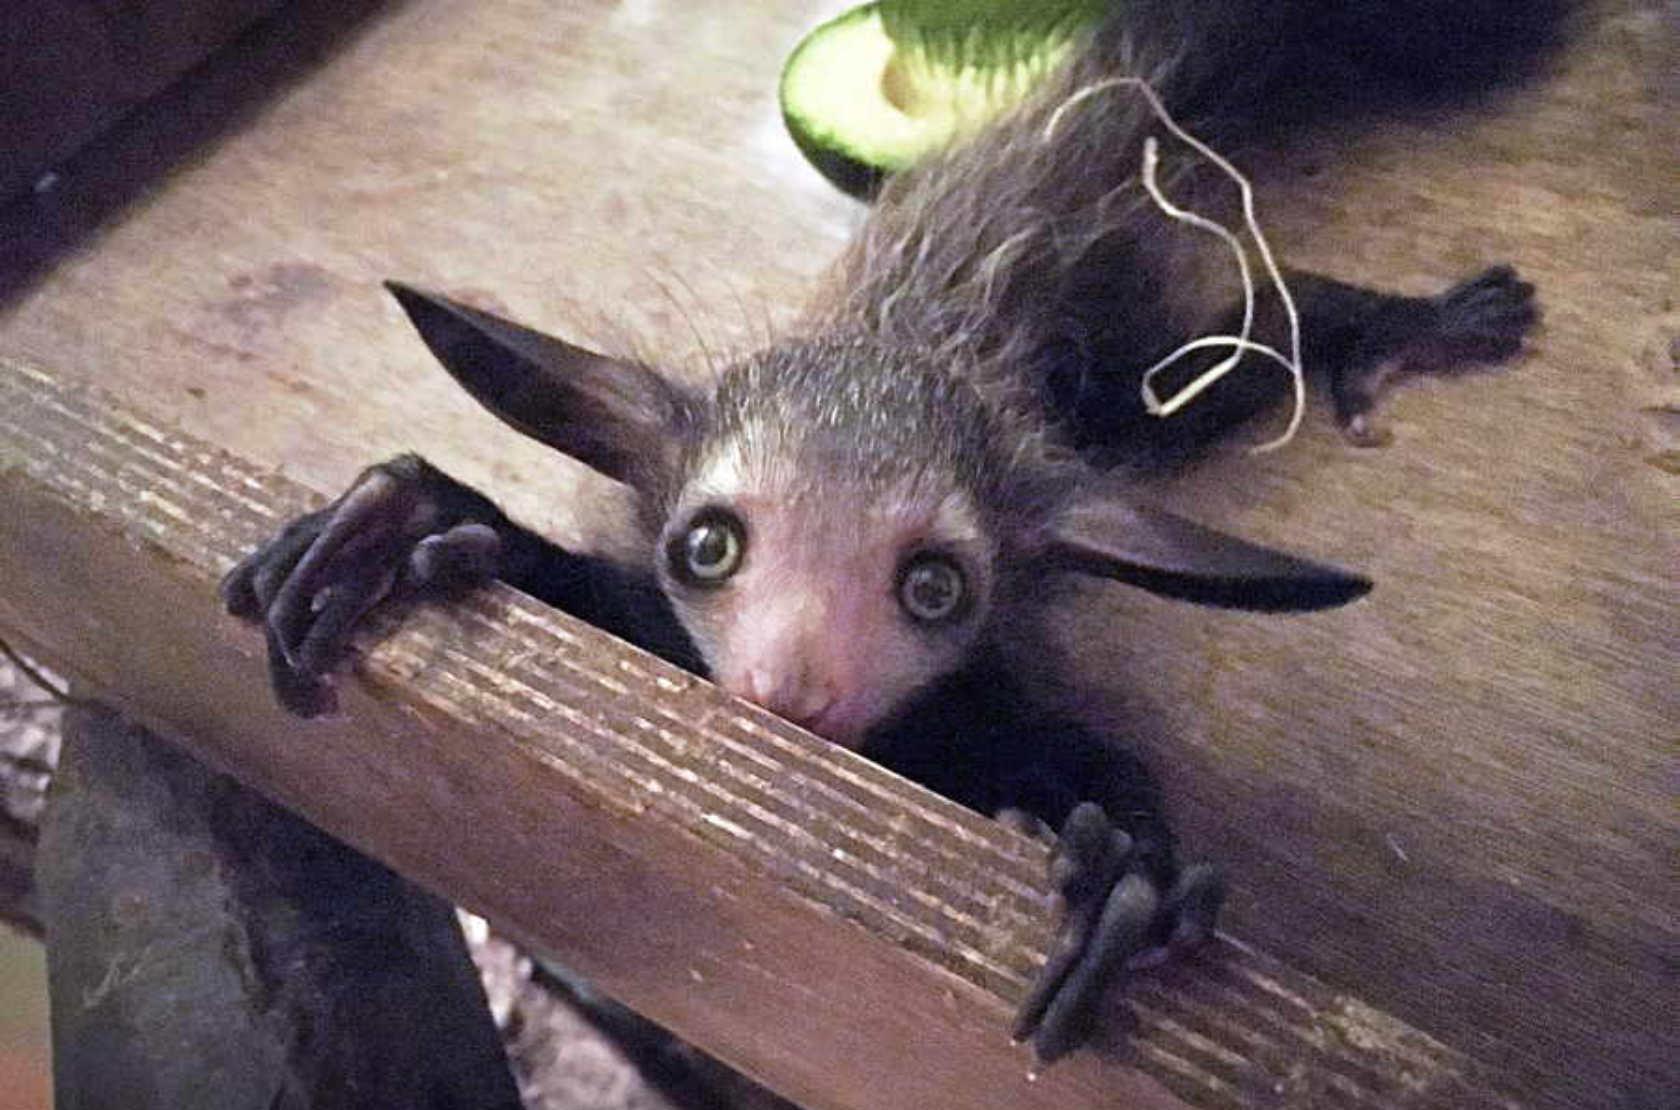 grote oren van de baby aye aye